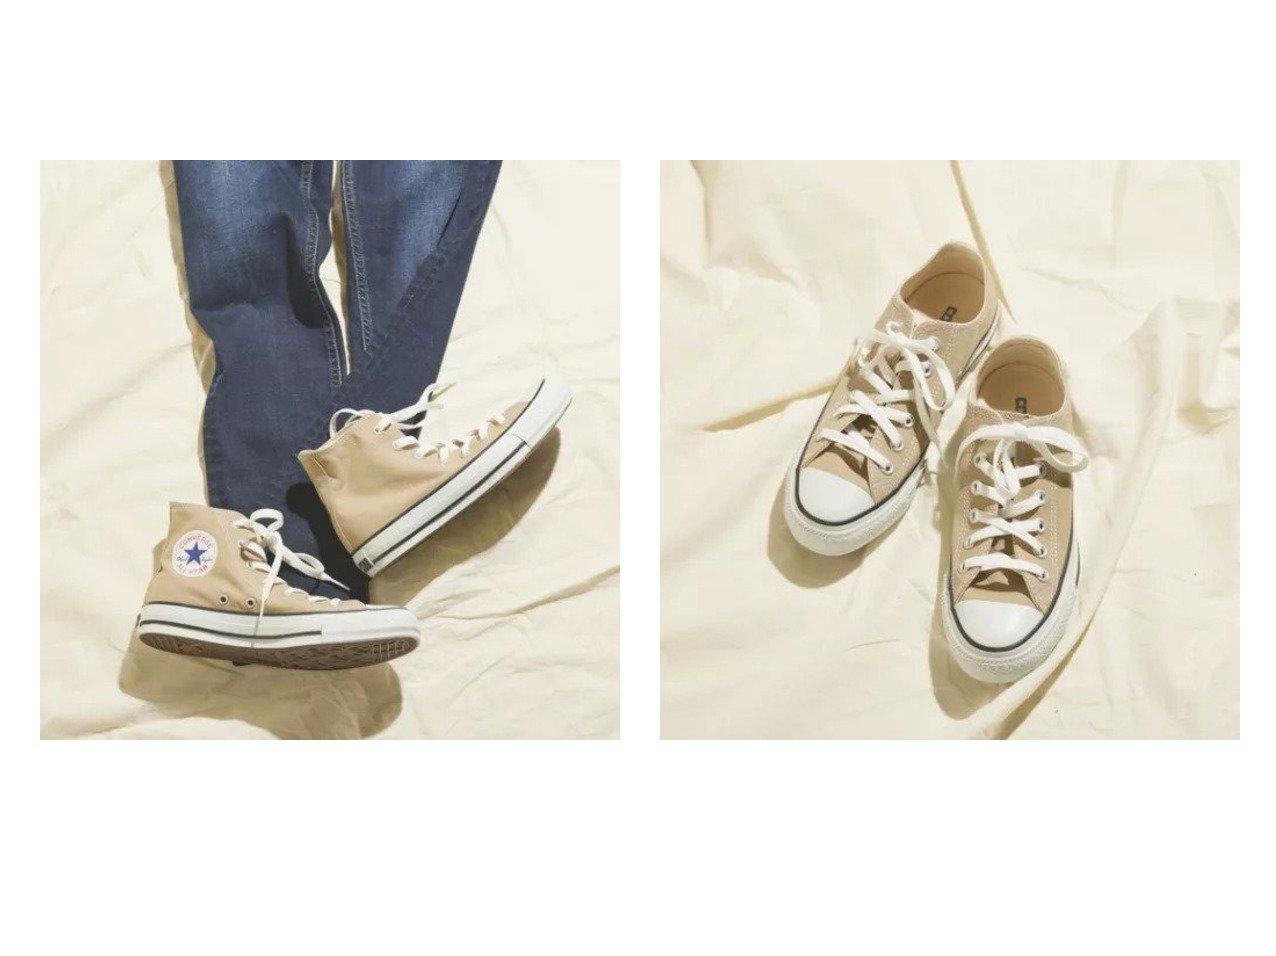 【LIPSTAR/リップスター】の≪コンバース≫CANVAS ALL STAR COLORS OX&≪コンバース≫CANVAS ALL STAR COLORS HI 【シューズ・靴】おすすめ!人気、トレンド・レディースファッションの通販 おすすめ人気トレンドファッション通販アイテム インテリア・キッズ・メンズ・レディースファッション・服の通販 founy(ファニー)  ファッション Fashion レディースファッション WOMEN キャンバス シューズ シンプル スニーカー 定番 Standard ベージュ系 Beige ホワイト系 White |ID:crp329100000028153